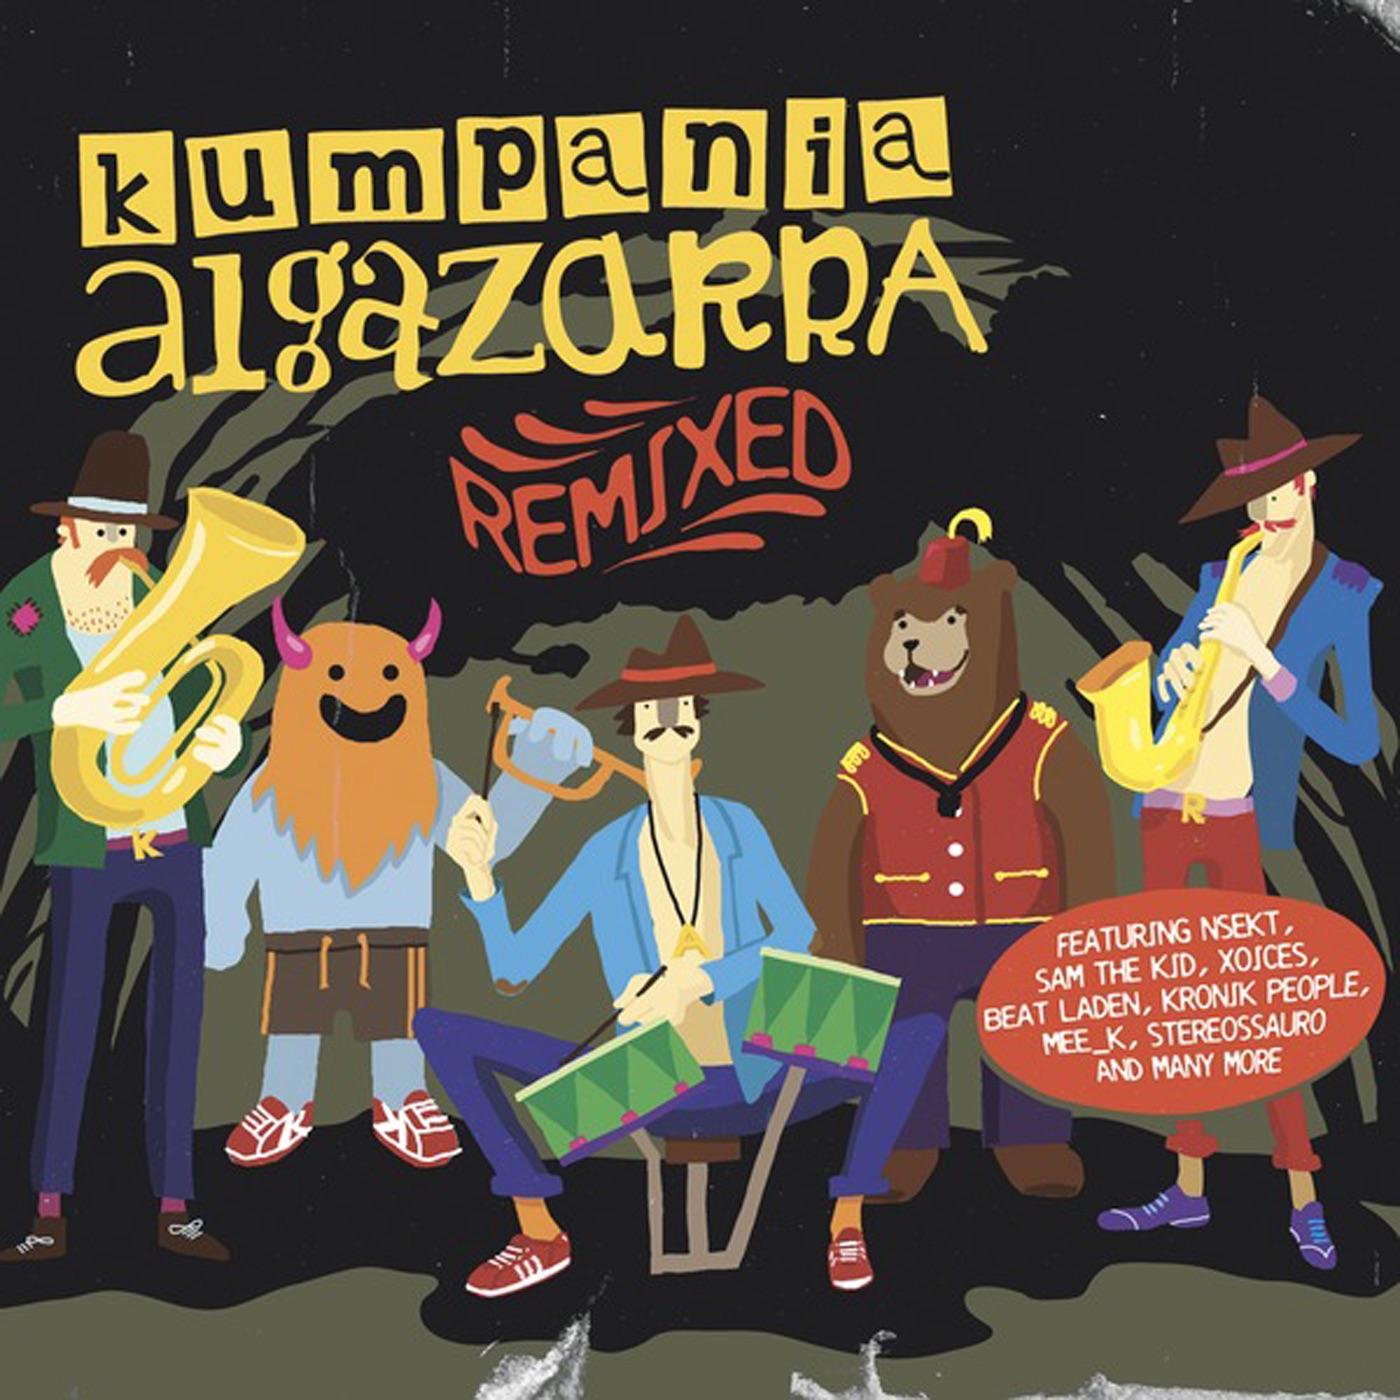 Kumpania Algazarra (Remixed)